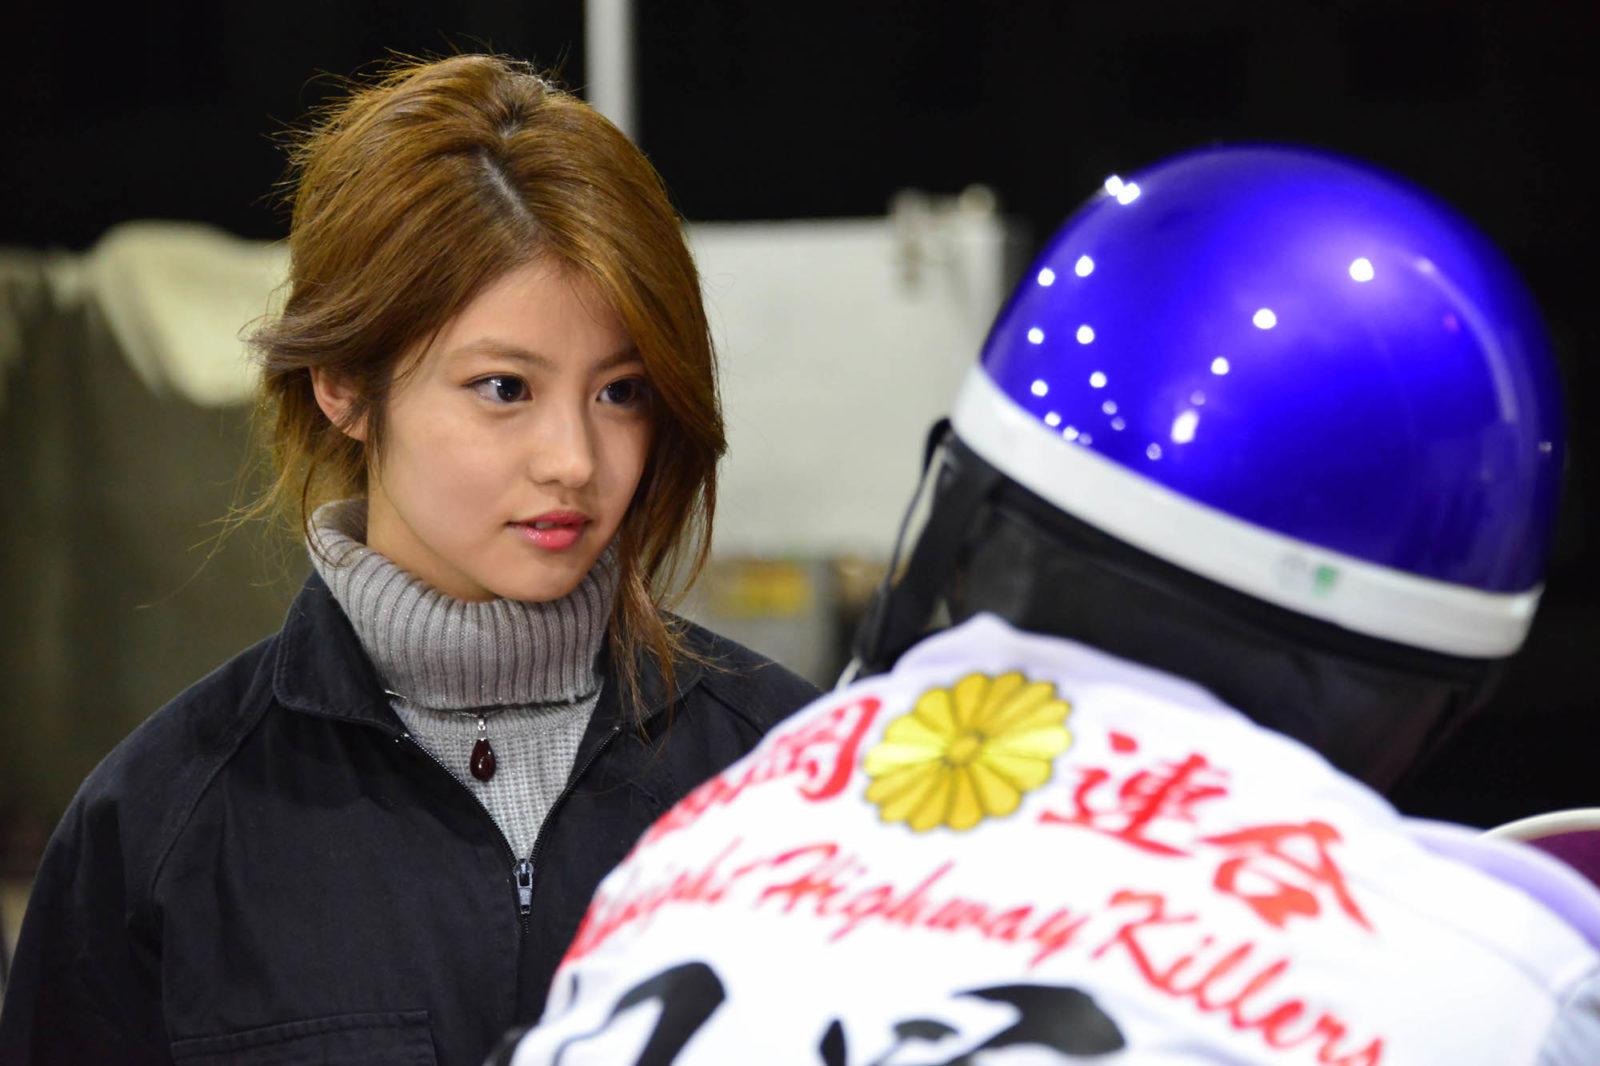 映画・ドラマで活躍!人気急上昇中の今田美桜が仕事とこれからについて語る「もっともっといろんな役に挑戦していきたい」【インタビュー】画像48915